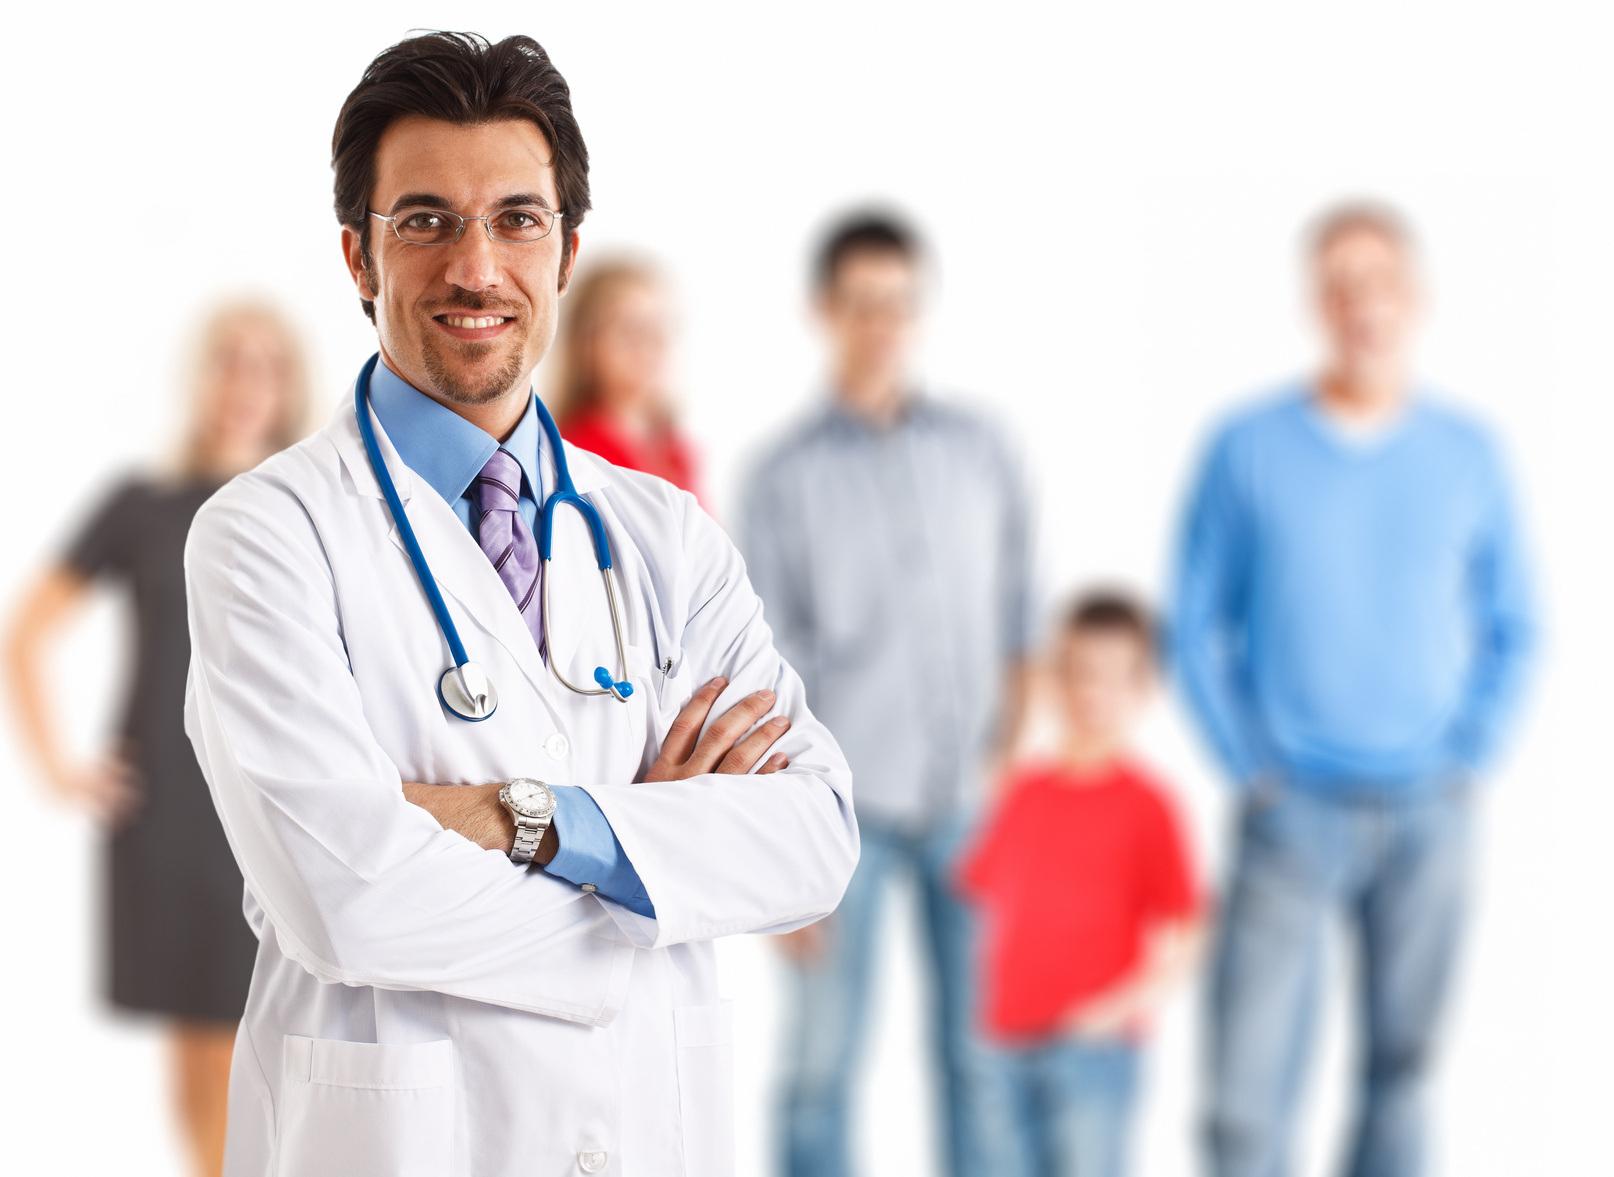 Відносини «лікар–пацієнт» у правовому полі                                     (На запитання читачів відповідає медичний адвокат, керівник Юридичного бюро Олена Бабич)